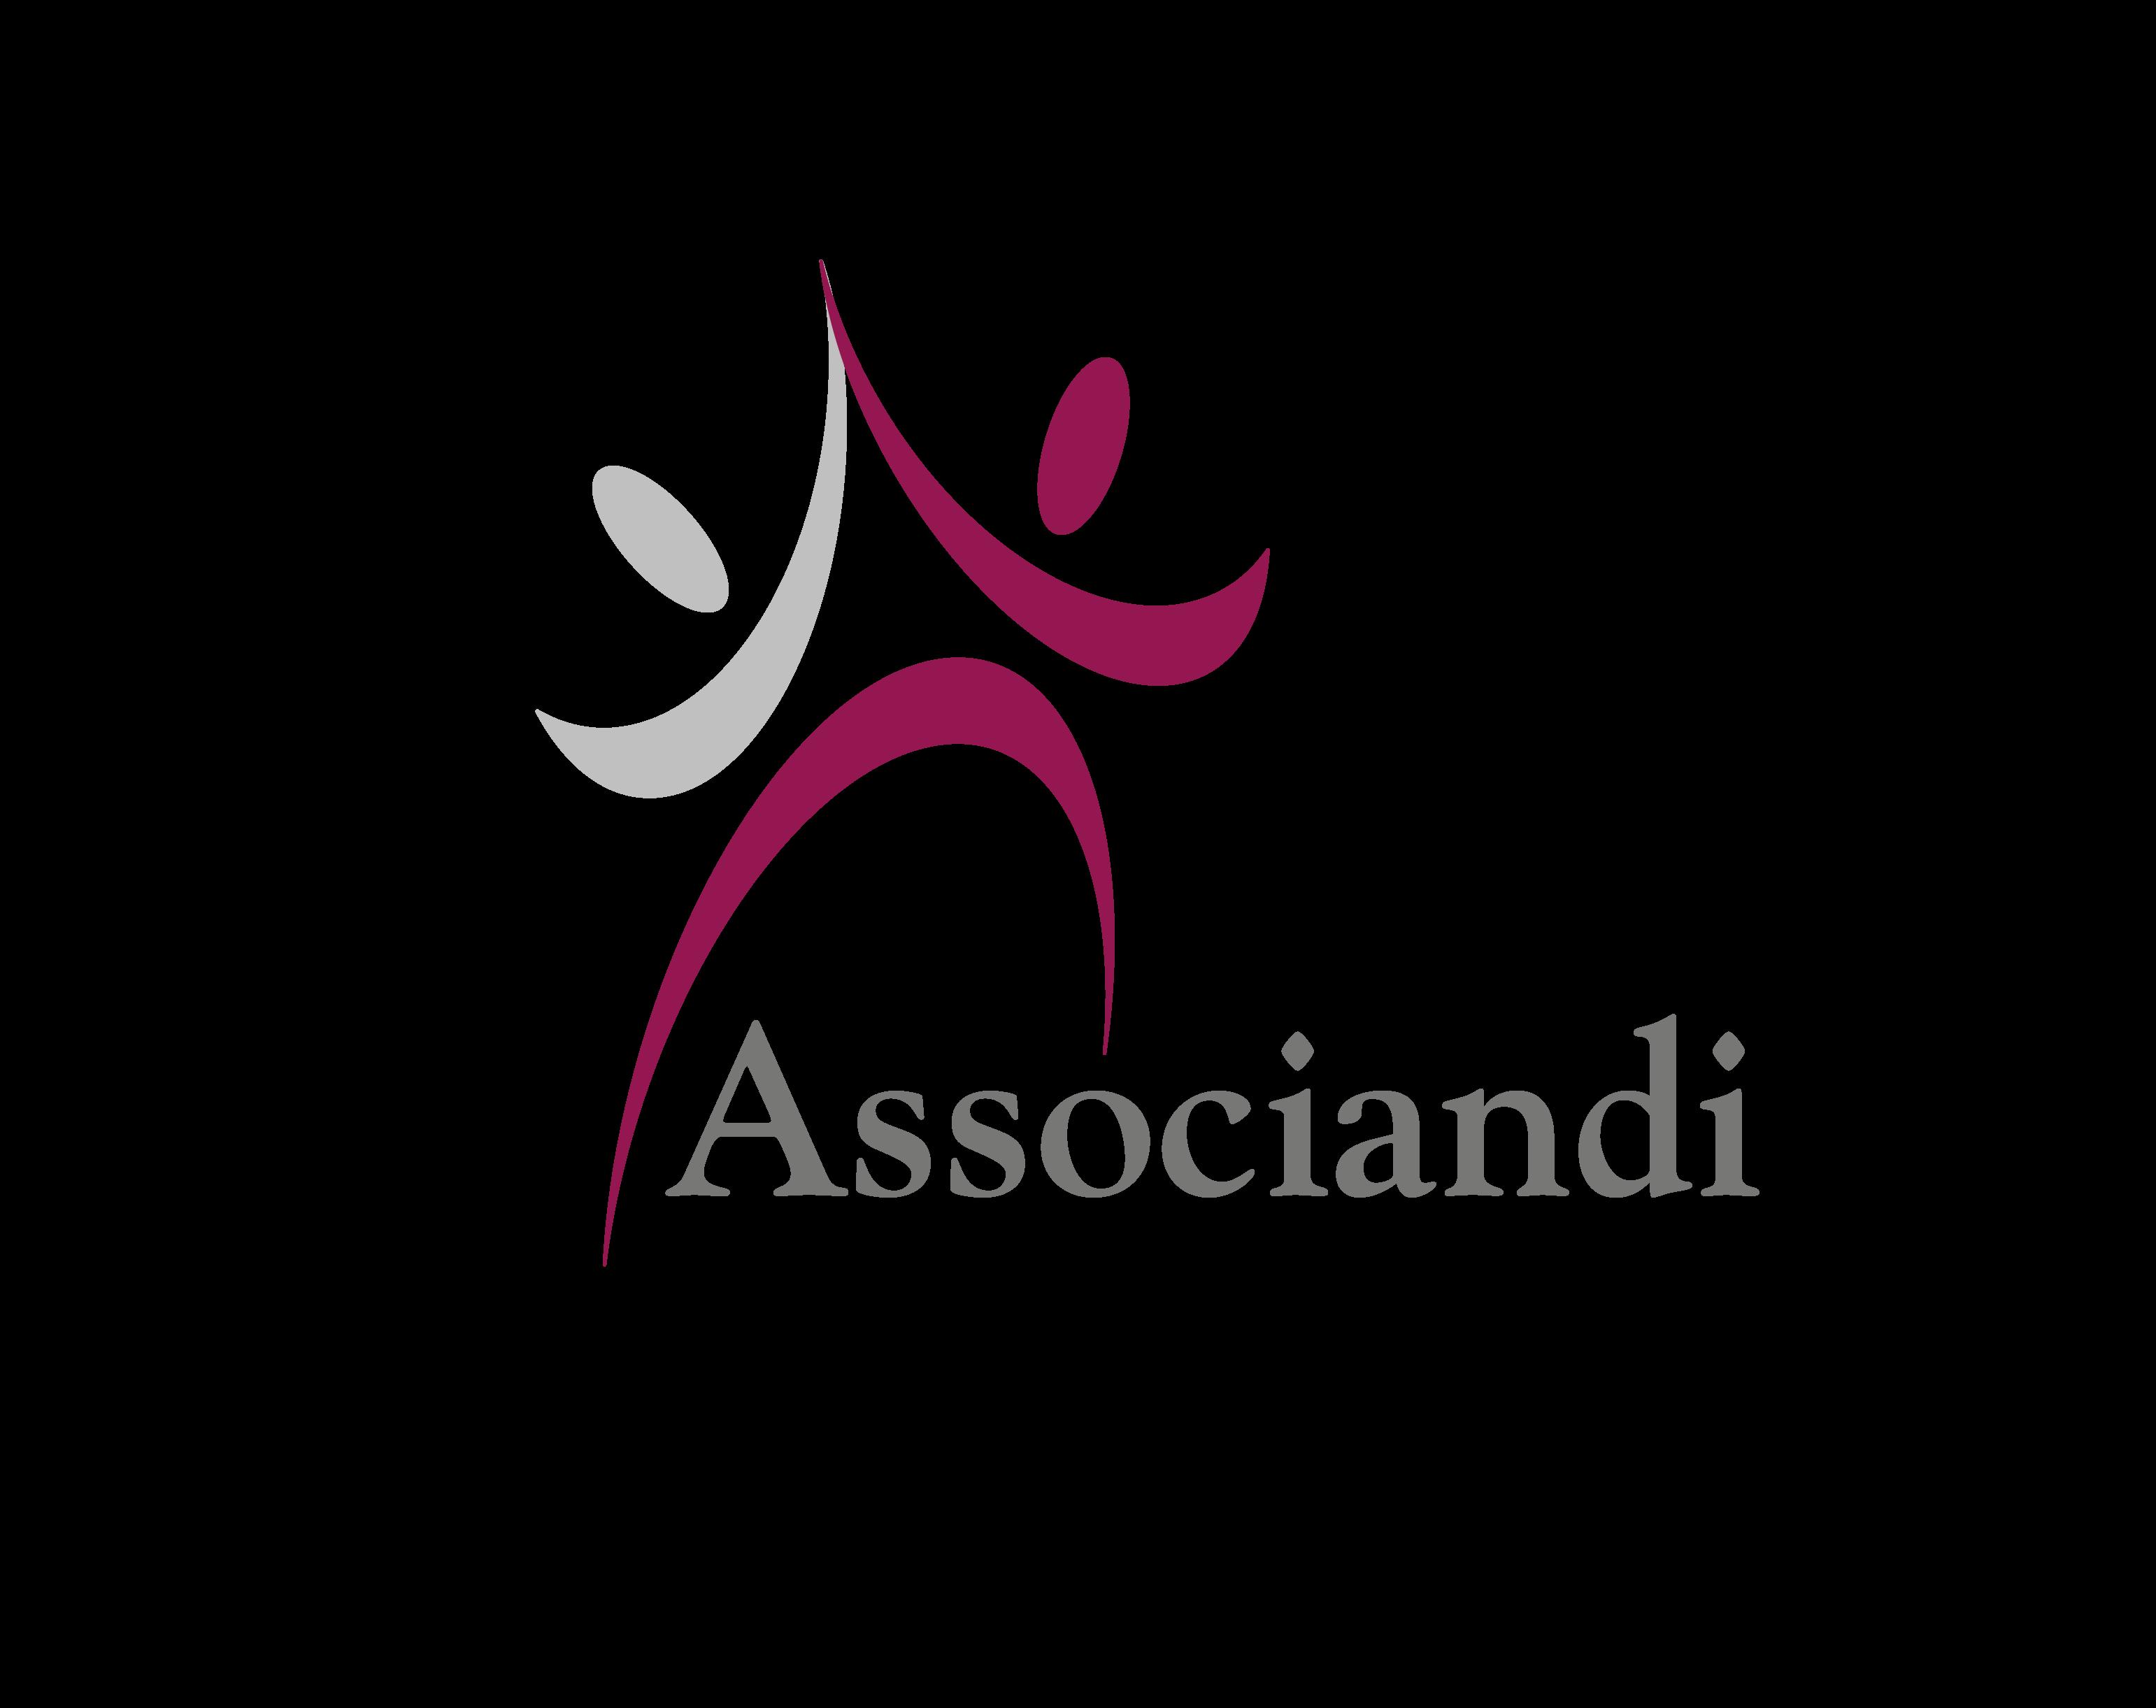 Associandi